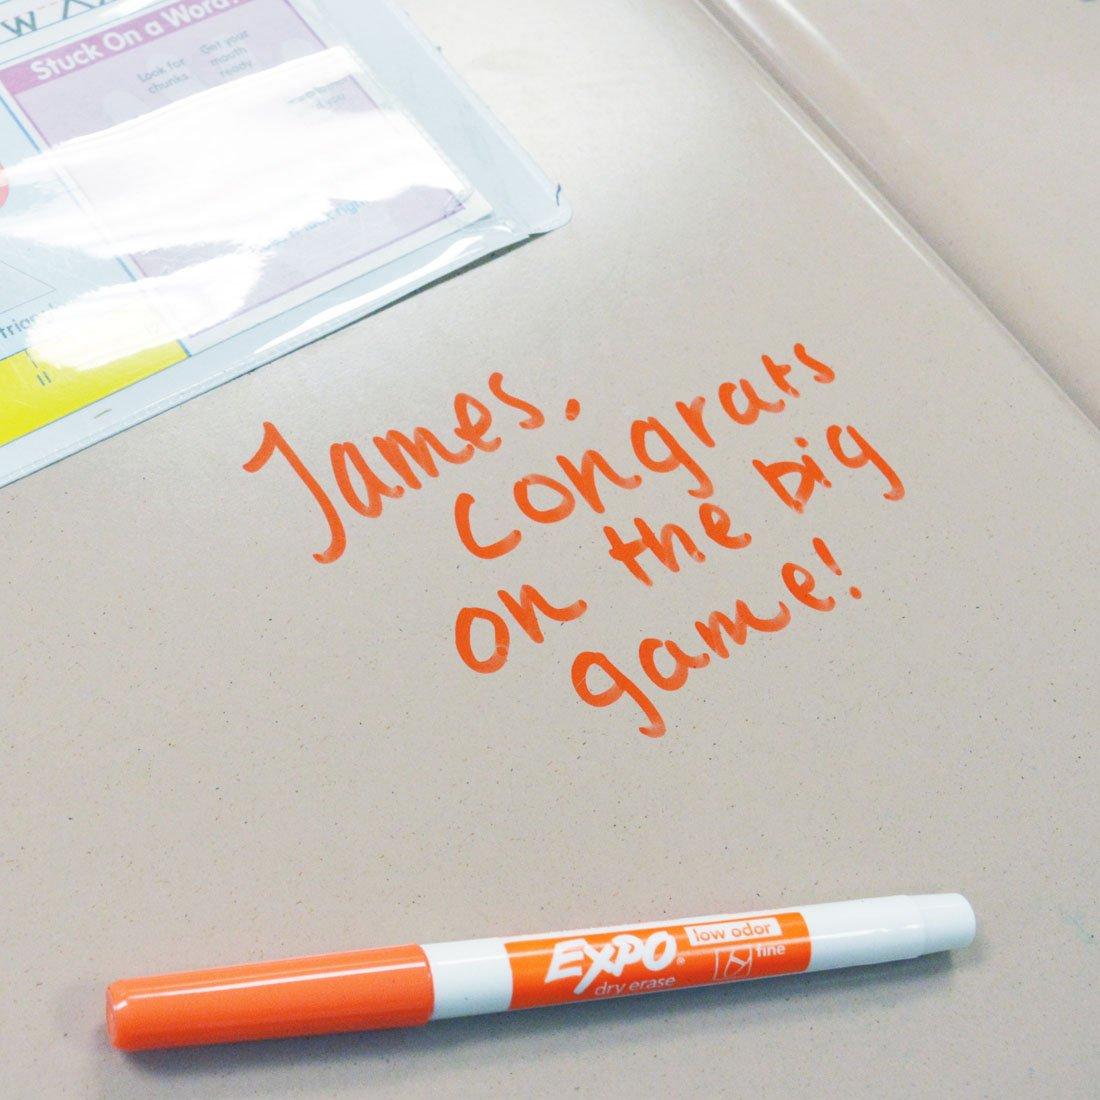 congrats-message-written-on-desk-in-orange-fine-expo.jpg